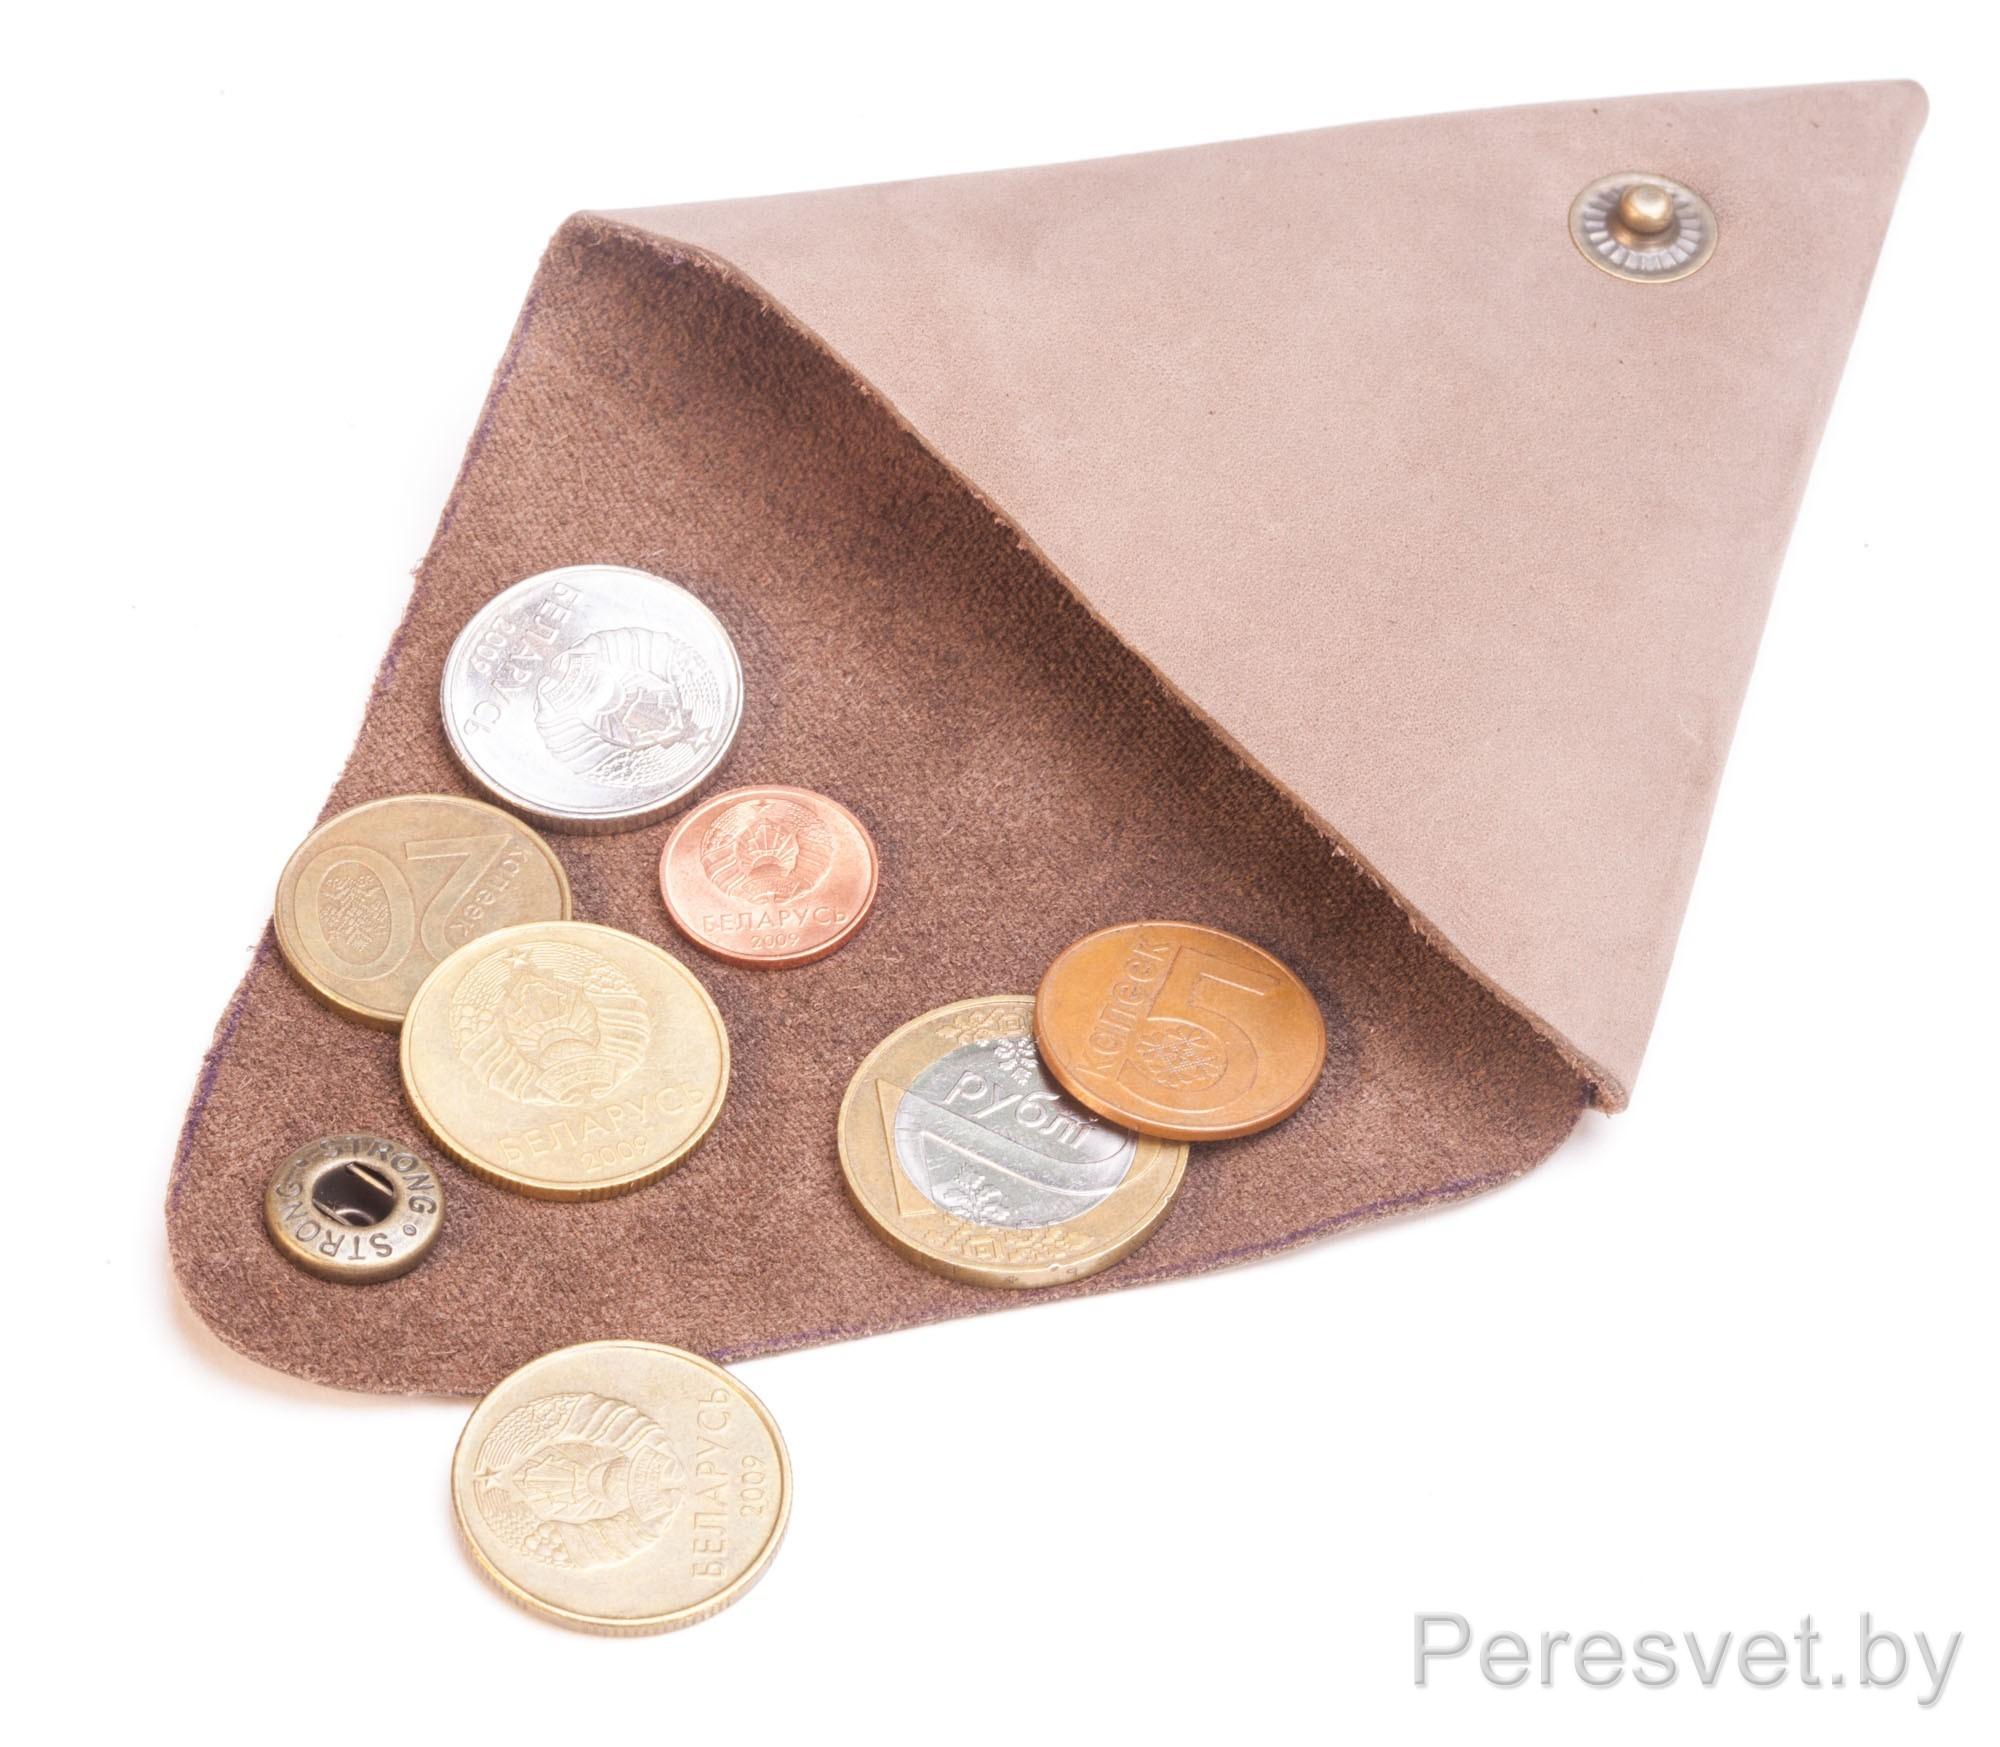 Кошелек - монетница из кожи peresvet.by